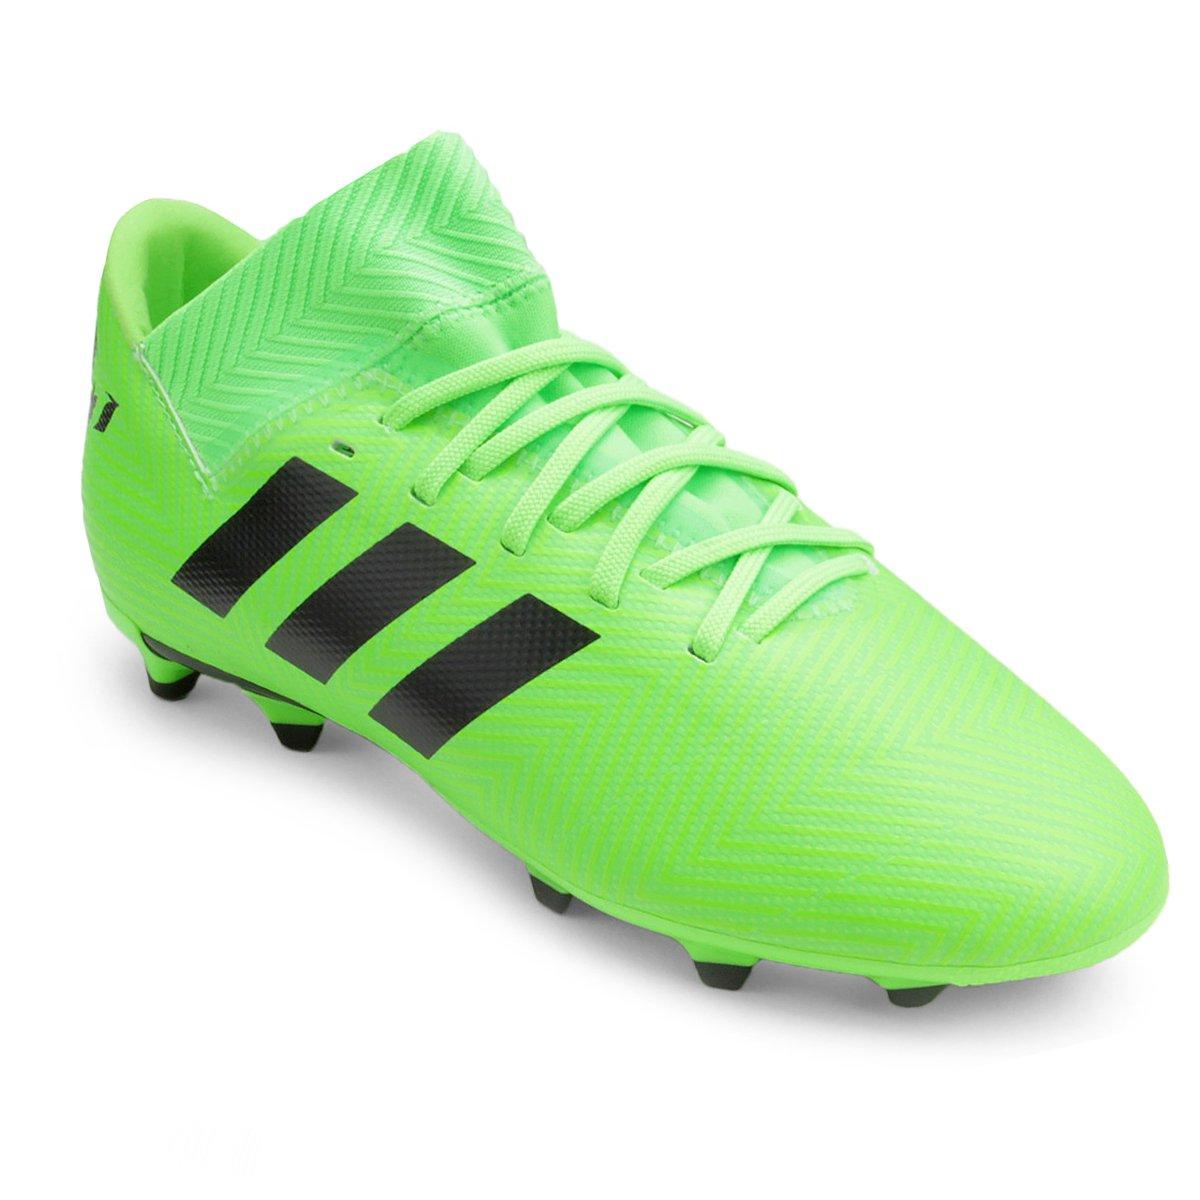 2d48d5befe6e Chuteira Campo Infantil Adidas Nemeziz Messi 18 3 FG - Compre Agora ...